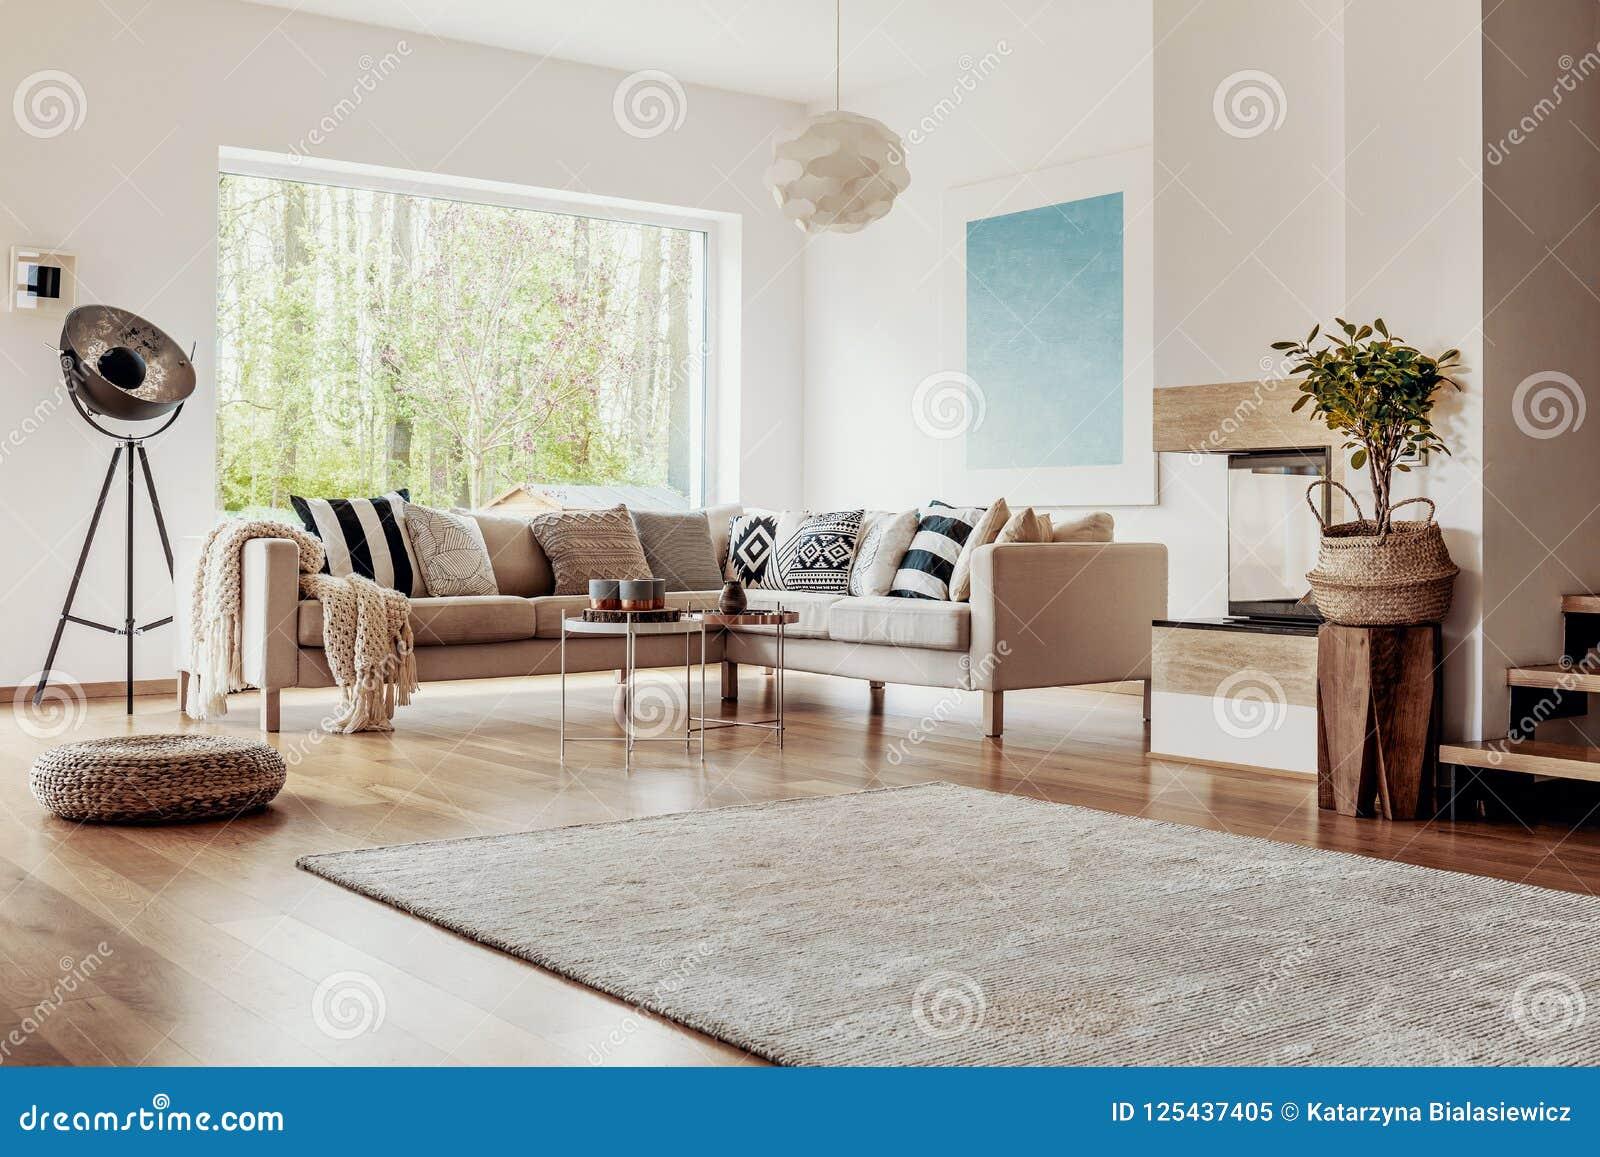 Weidenosmane und eine industrielle Stehlampe in einem hellen Wohnzimmerinnenraum mit schickem Dekor und hölzernen Elementen